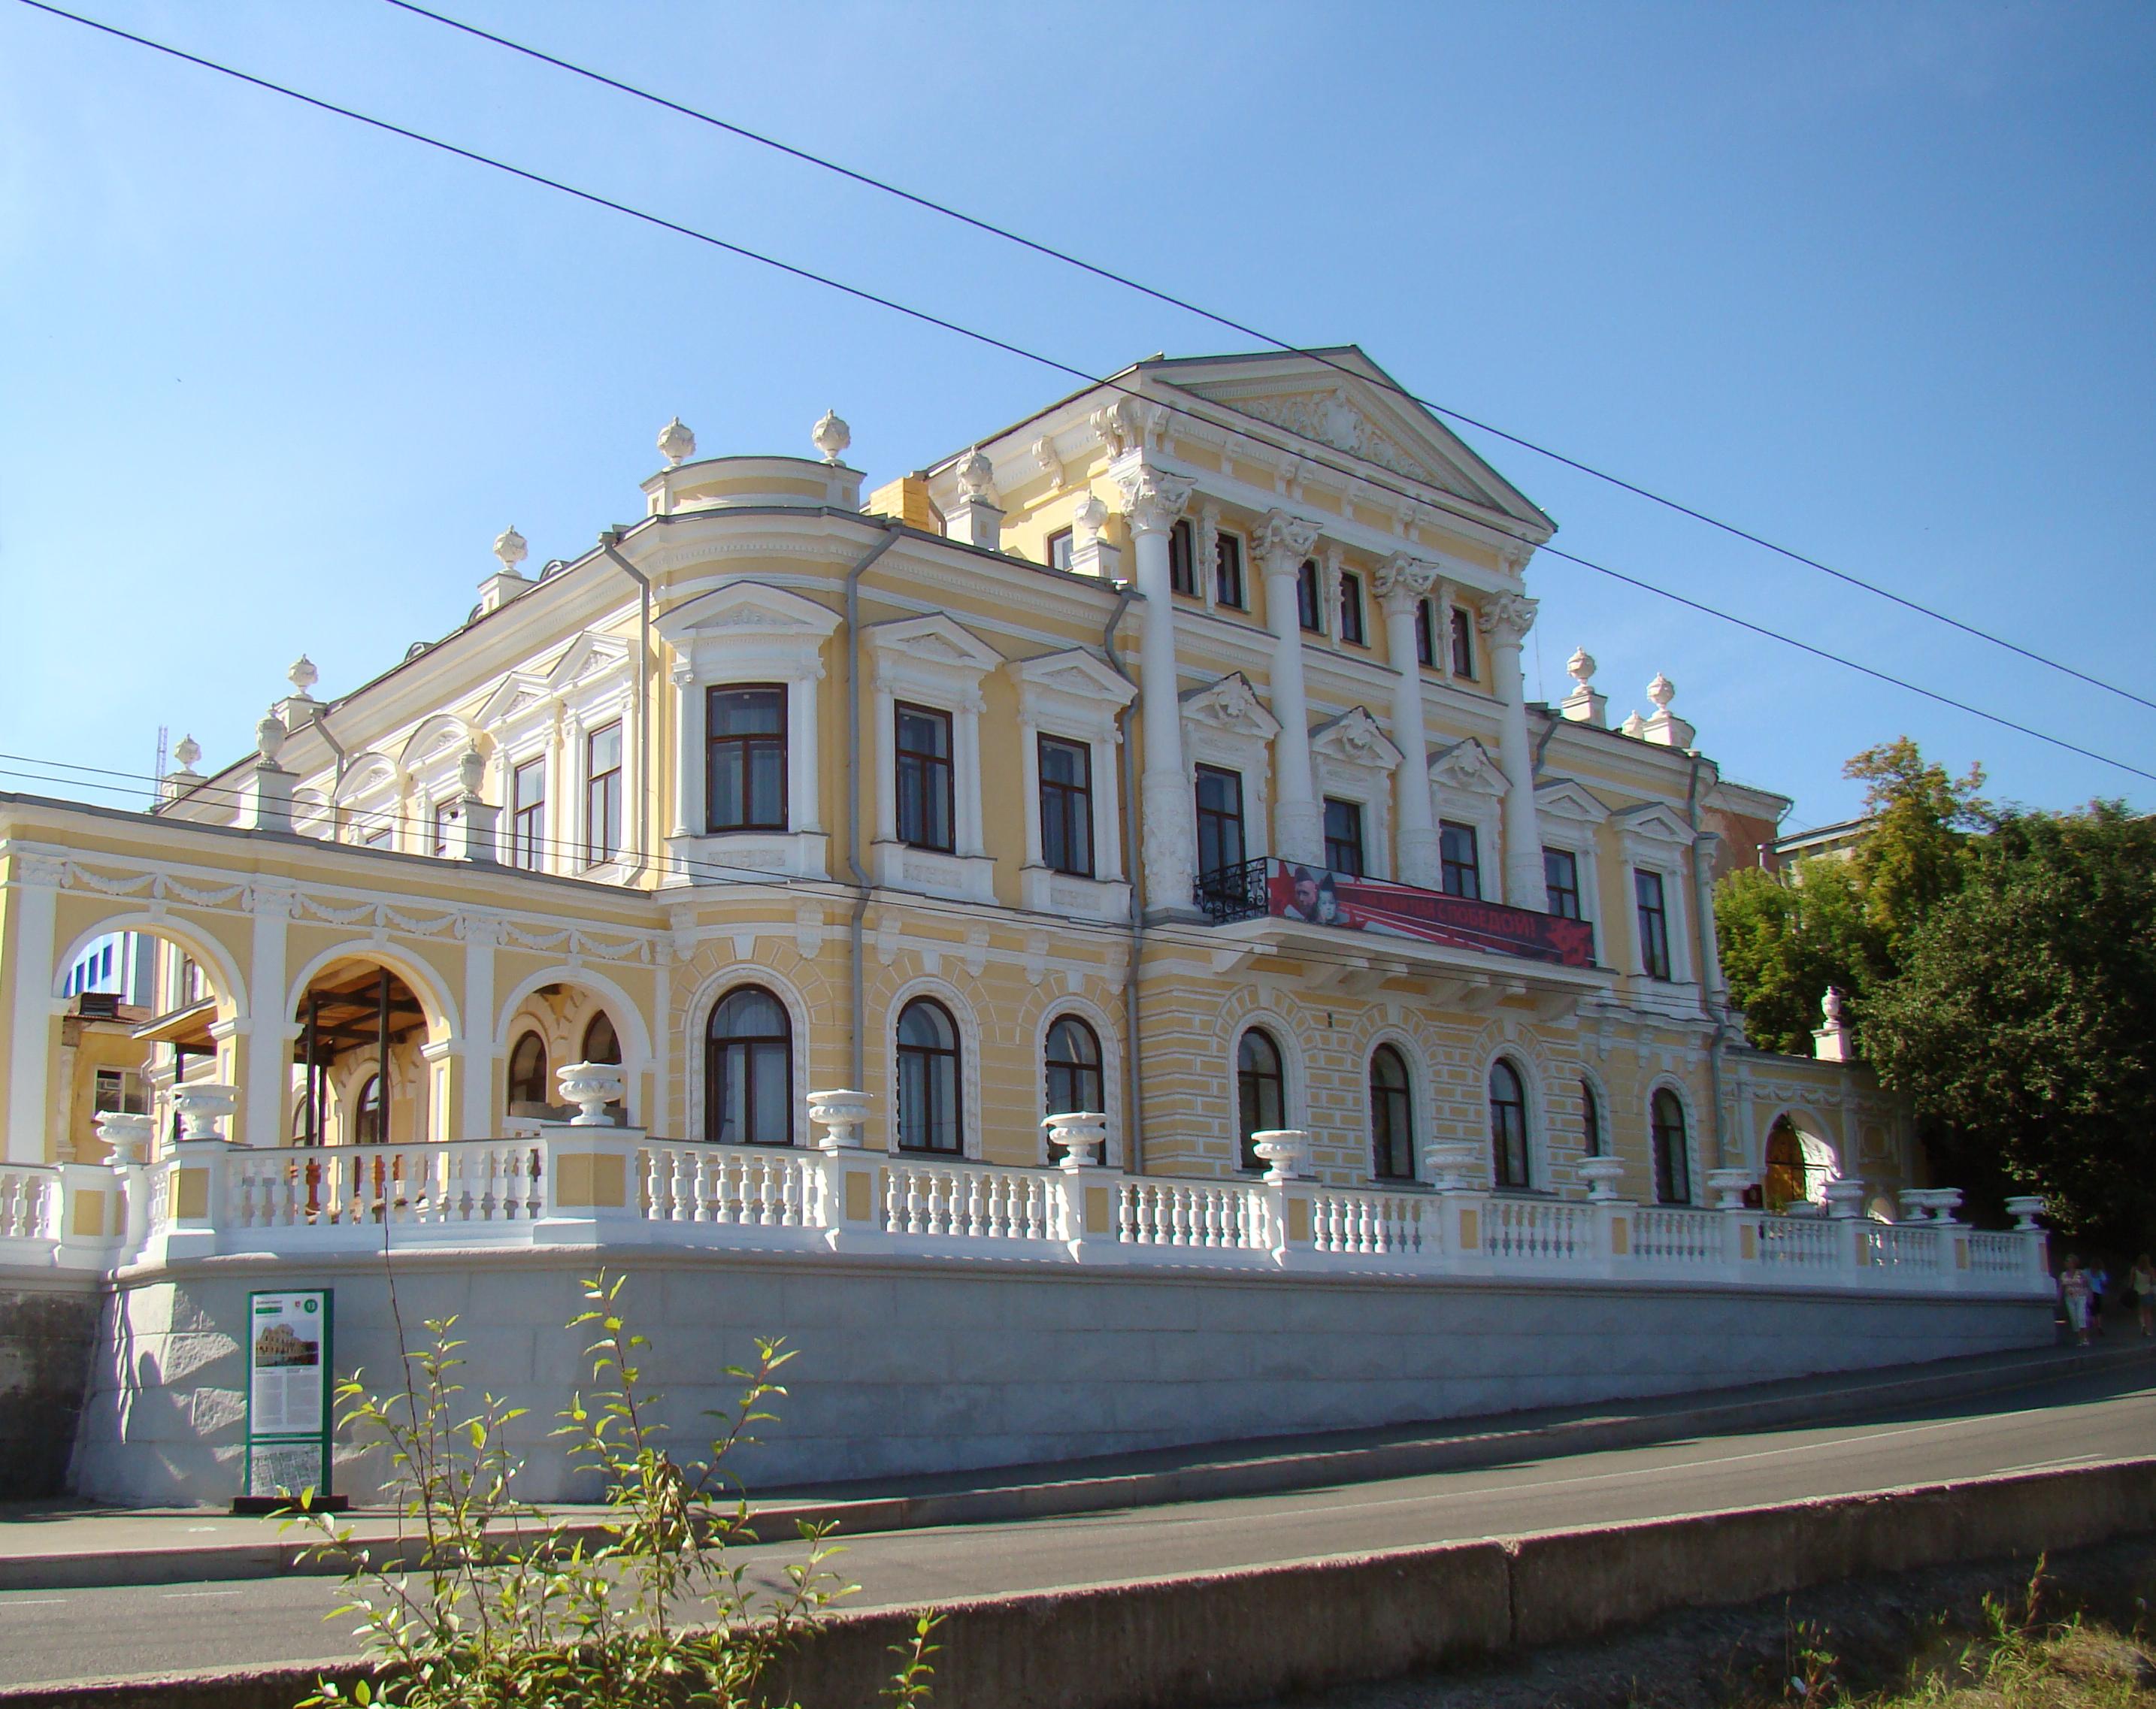 Категория:Города Пермского края — Википедия